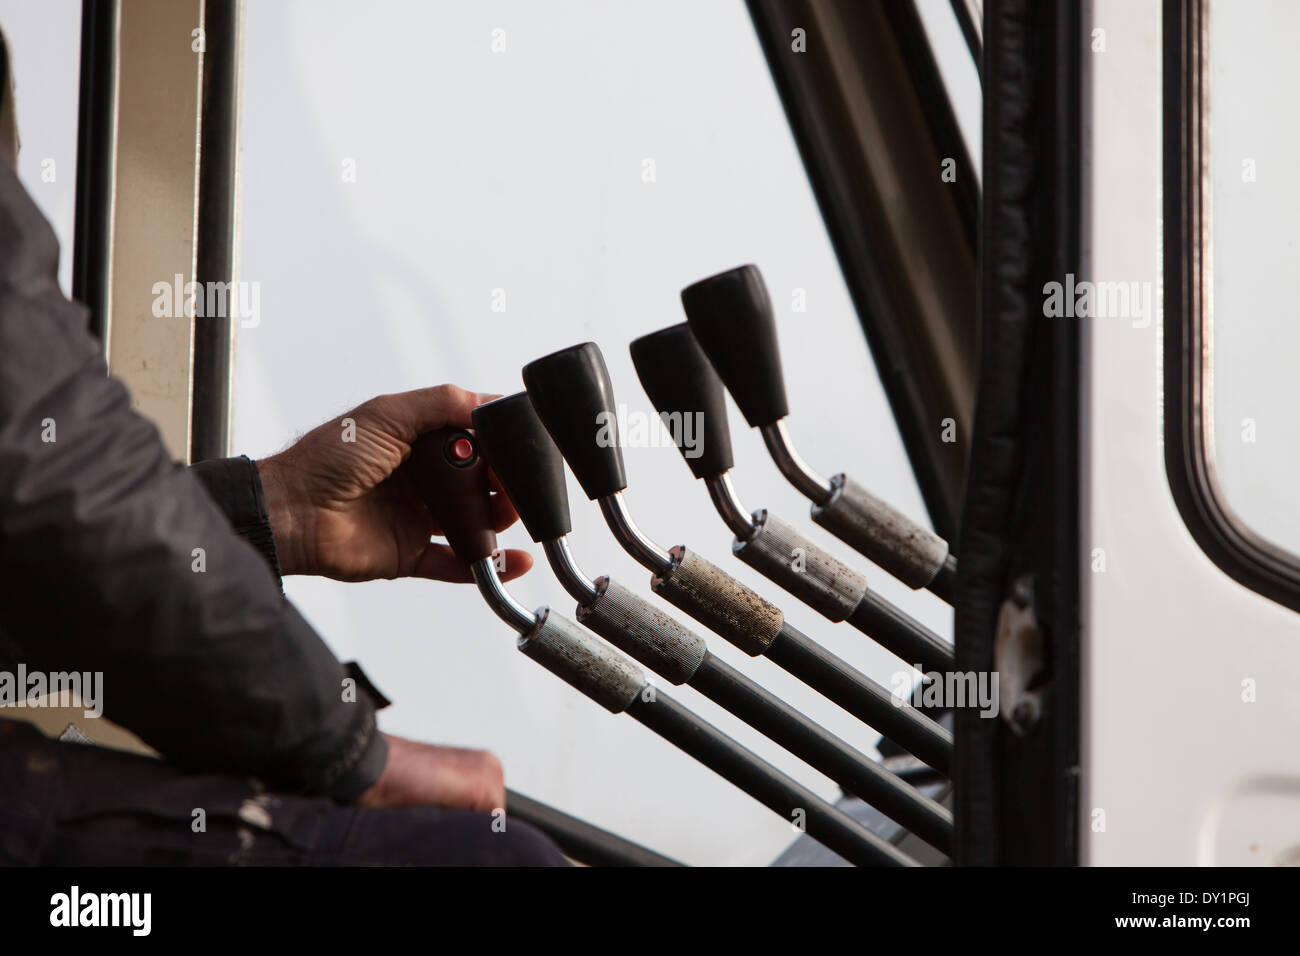 control levers crane Stock Photo: 68266482 - Alamy